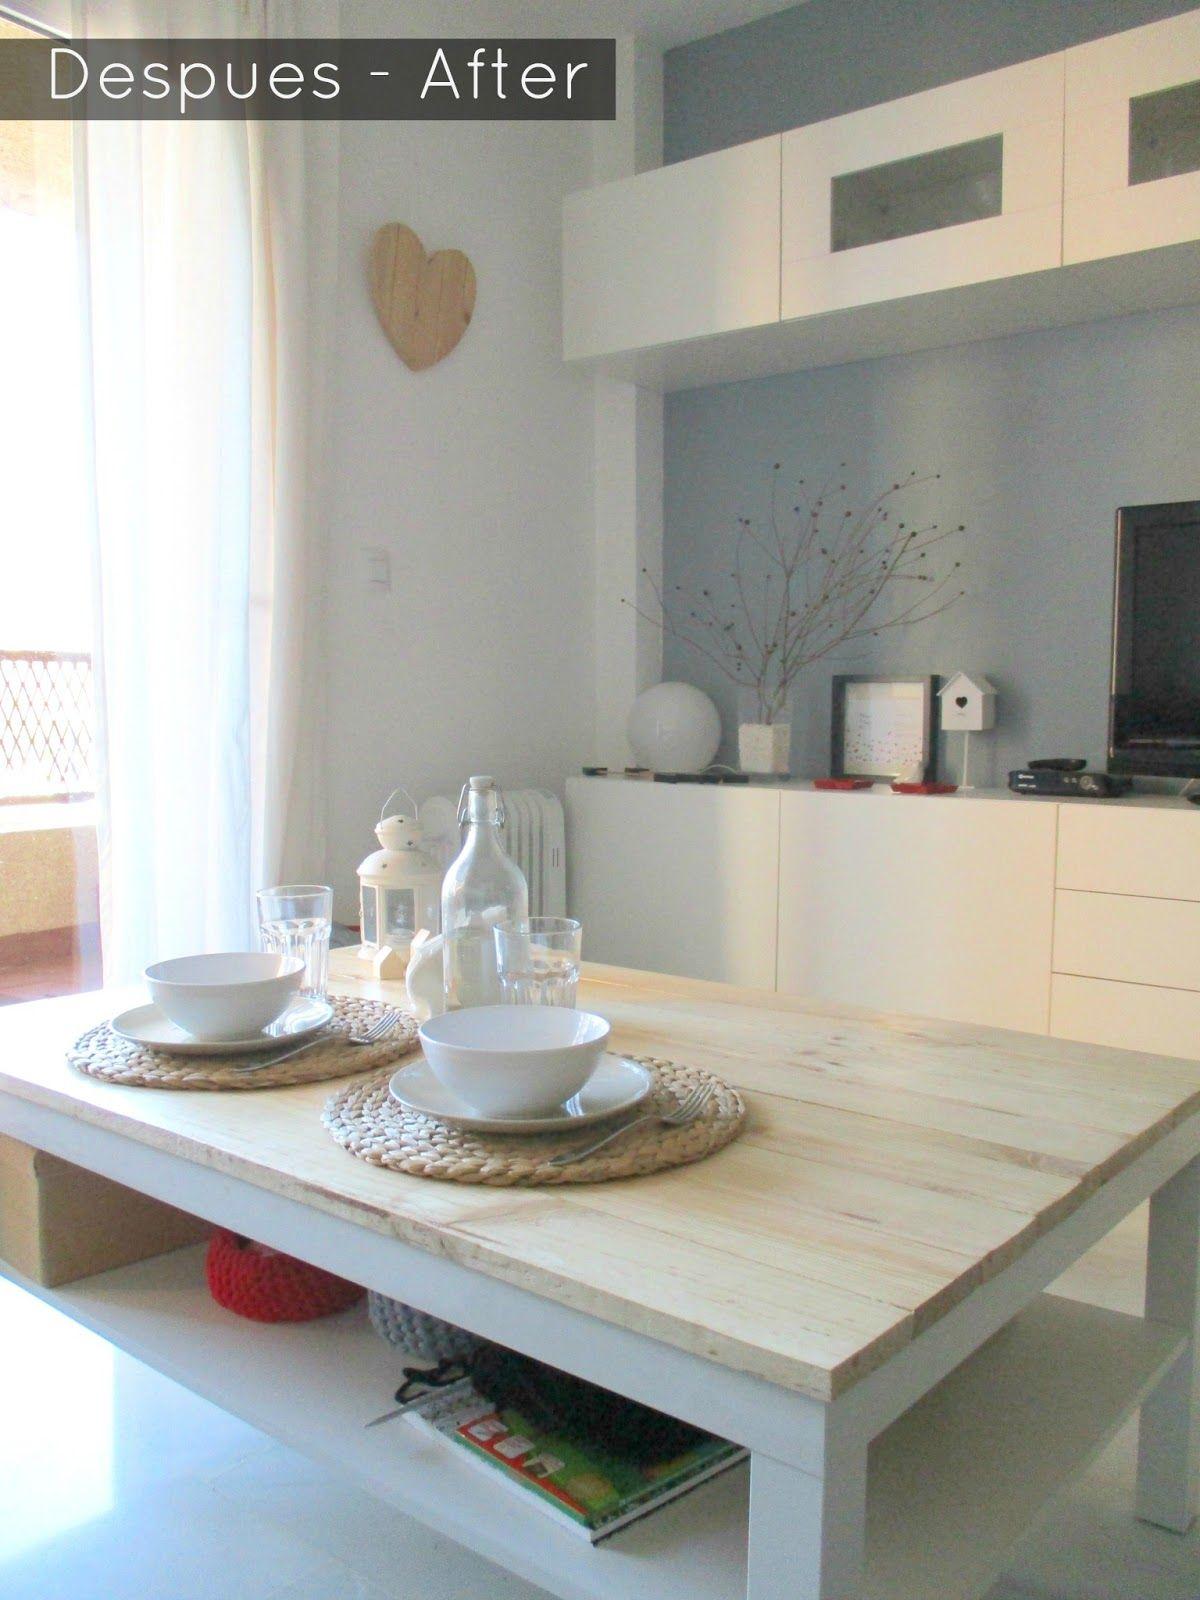 Ideas ikea decoracion ikea bedroom with ideas ikea - Ikea ideas decoracion ...